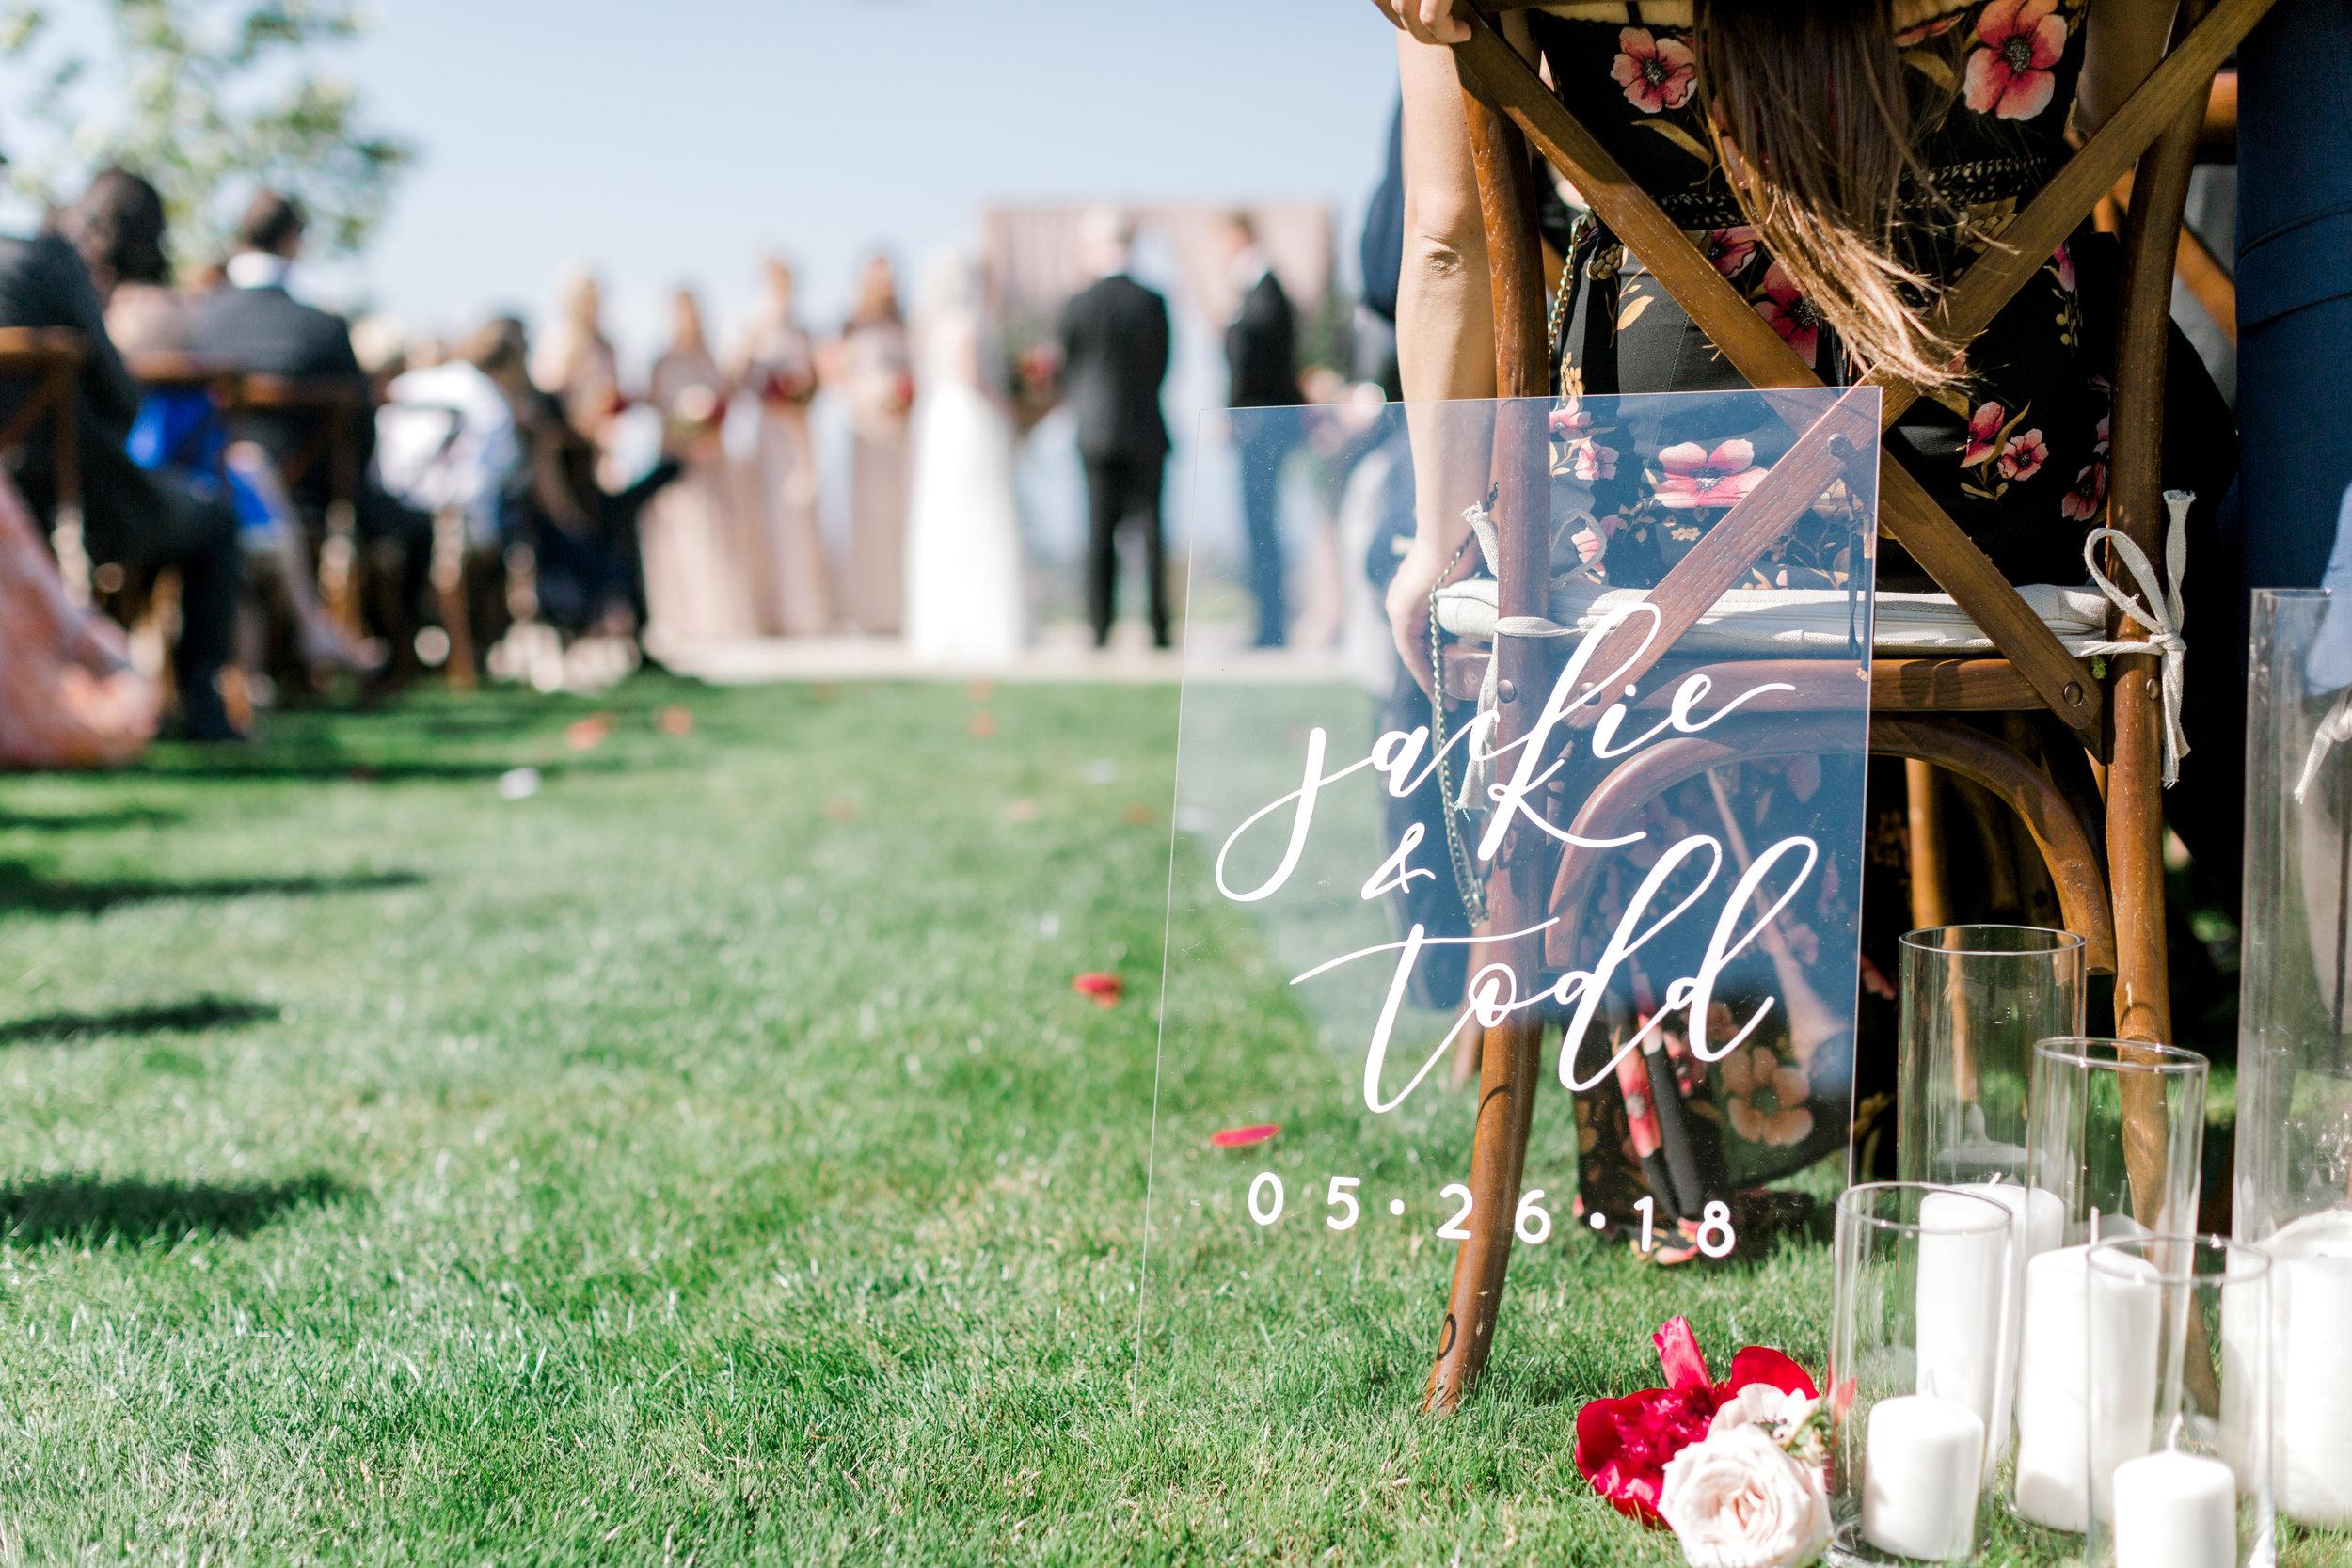 PineandSea_HuberWedding_Ceremony-76.jpg